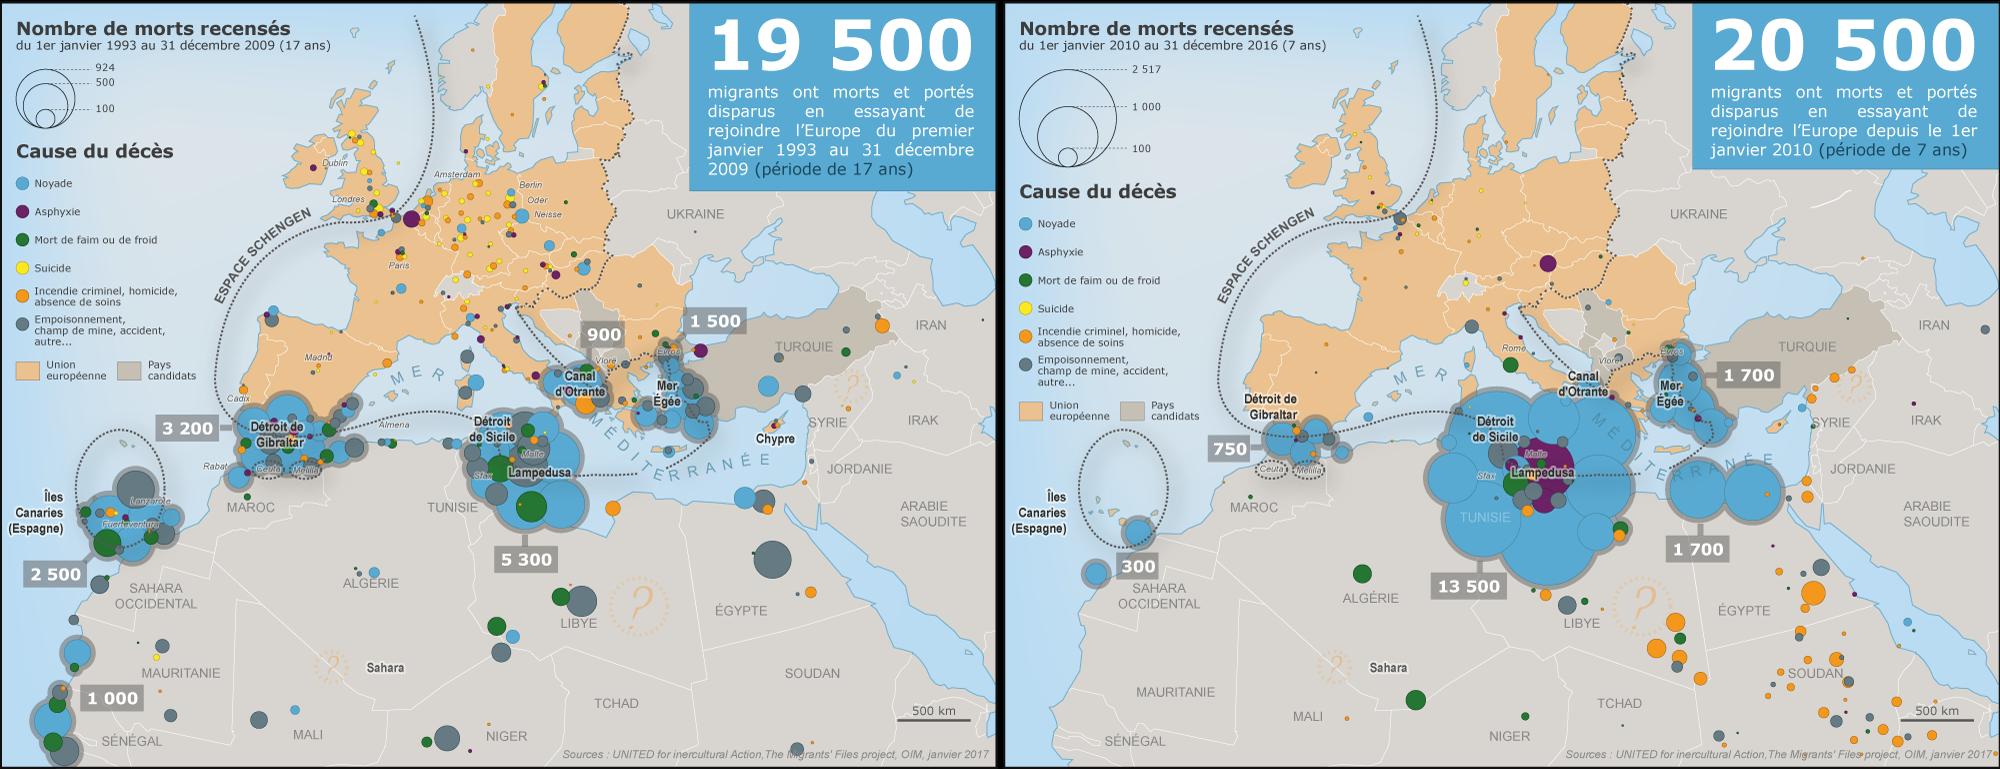 La Frontière Migratoire Européenne Carnet Neocartographique